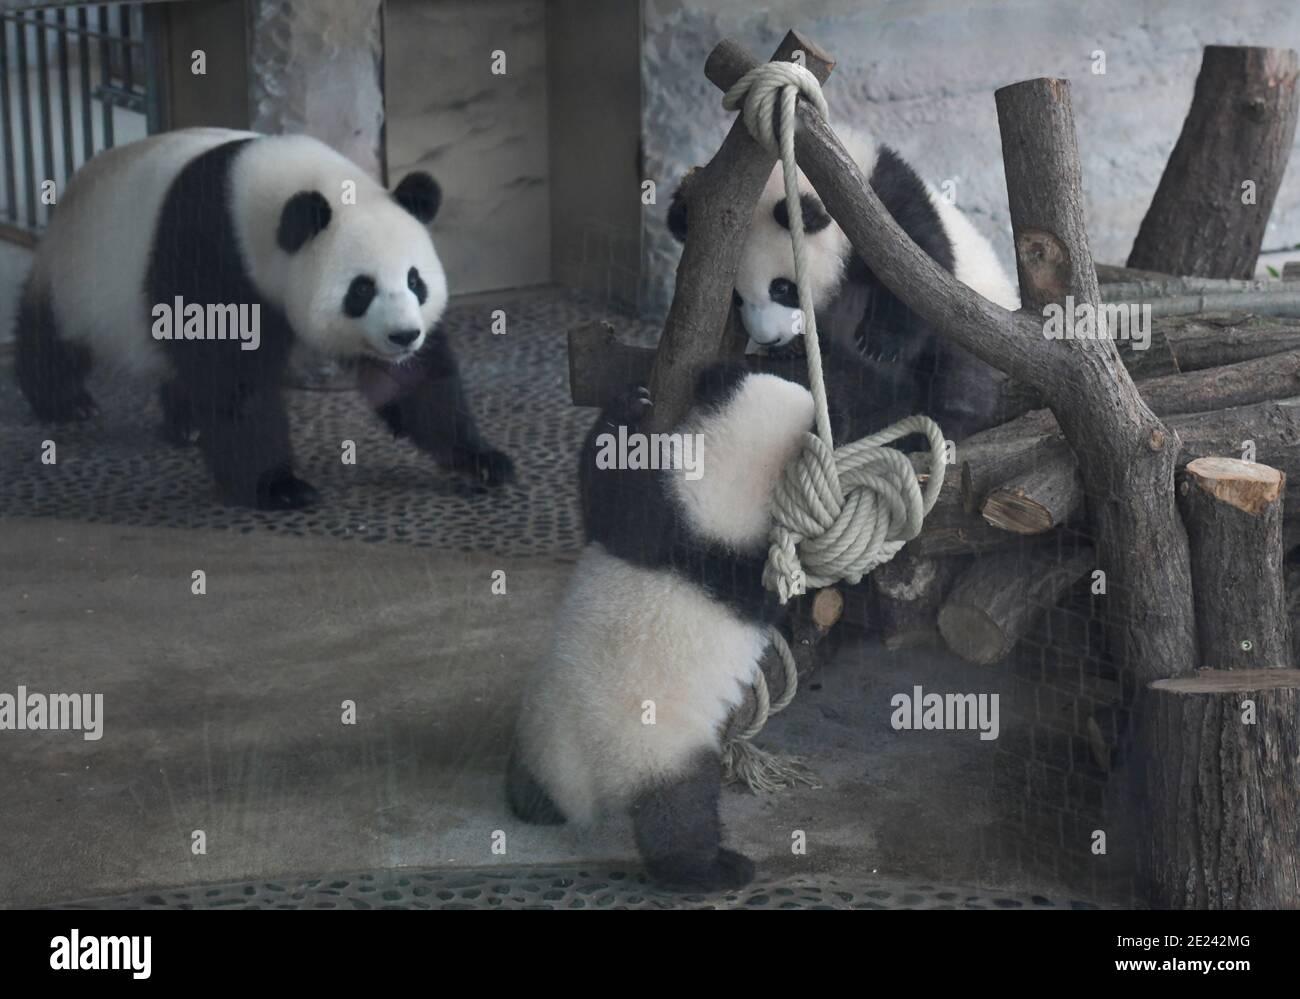 Berlín, 14.02.2020: Zwei Wochen nach dem Einzug der Pandas in ihr neues Gehege kehrt Normalität ein. Die Zwillinge Meng Xiang und Meng Yuan alias Pit Foto de stock